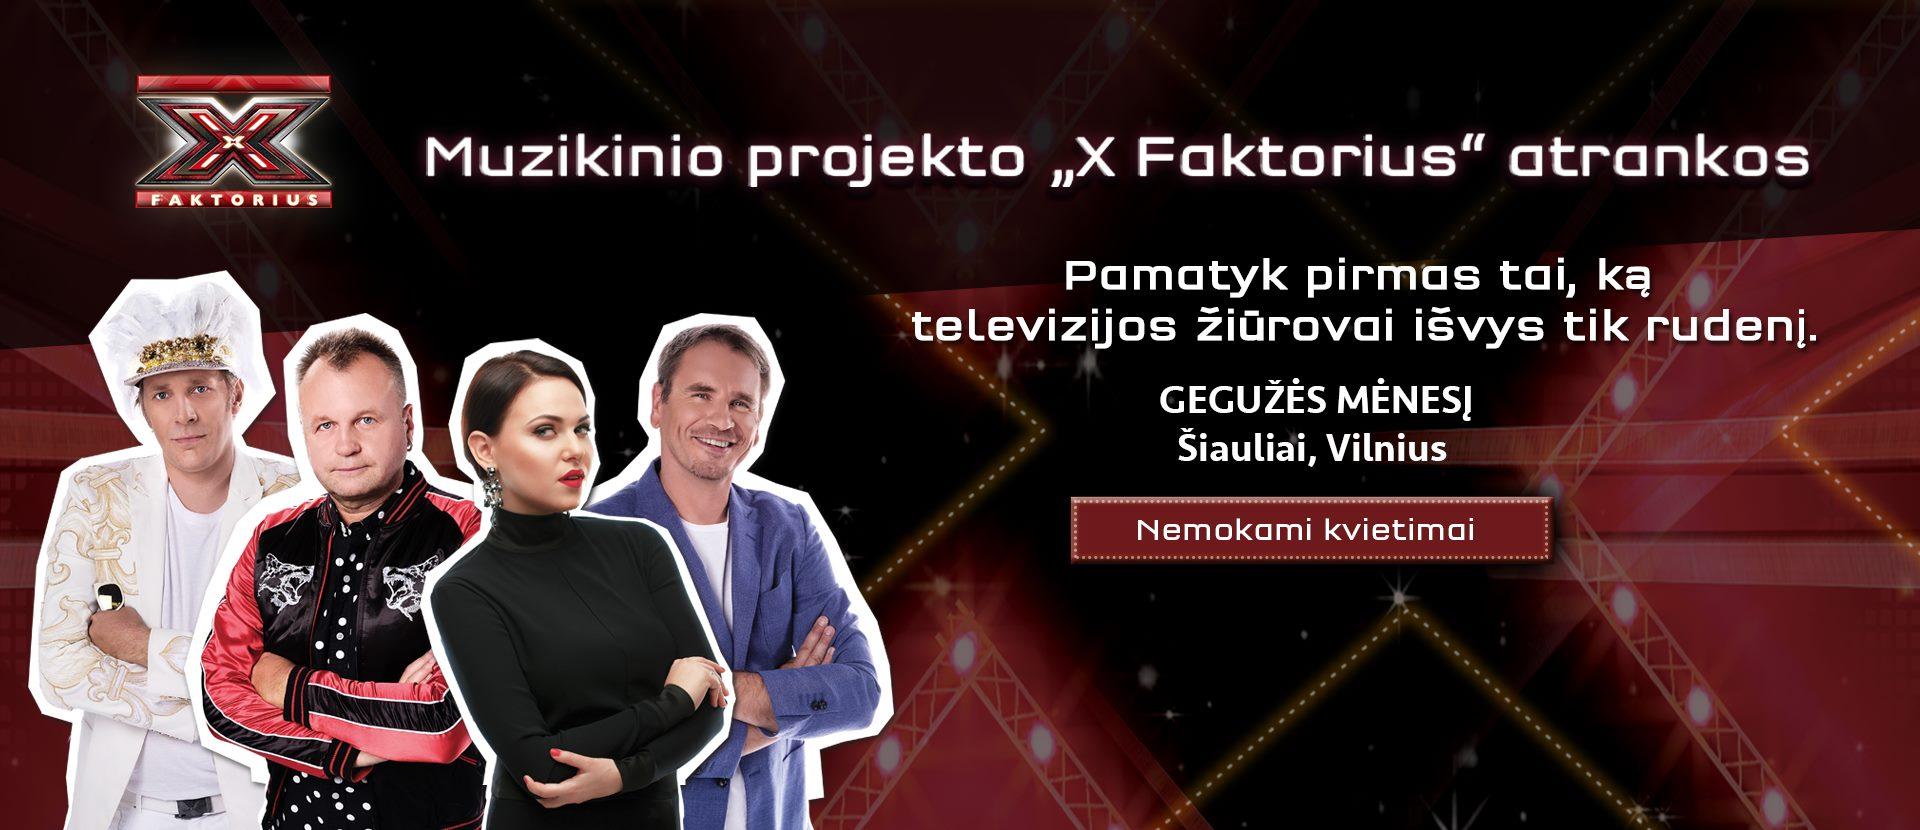 """Muzikinio projekto """"X Faktorius"""" atrankos"""